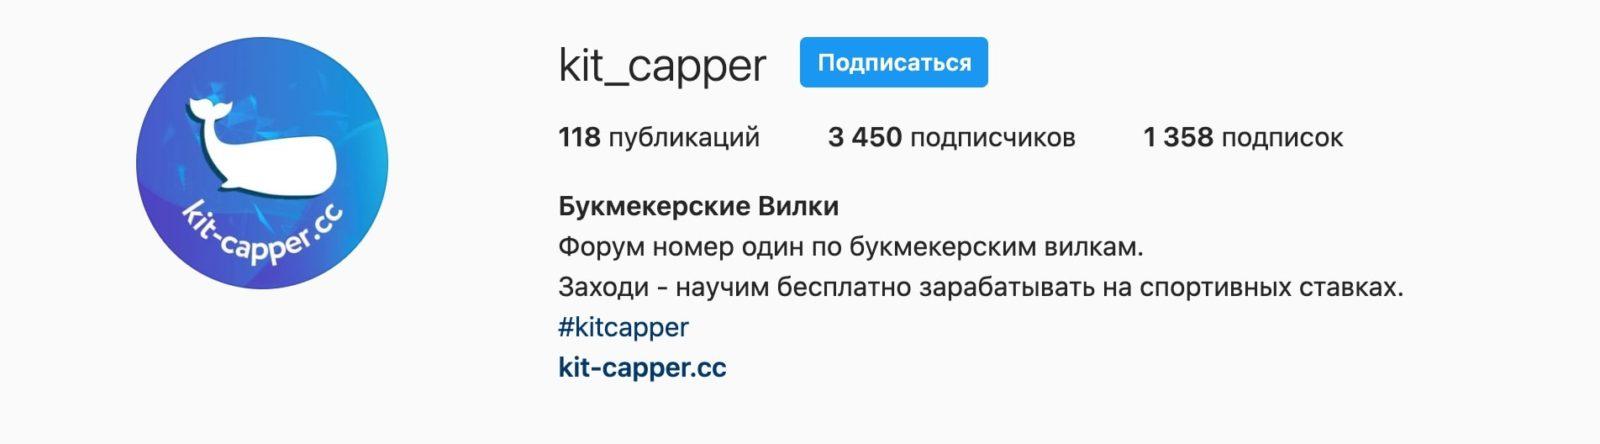 Инстаграм Kit-Capper.cc (Кит-Каппер)